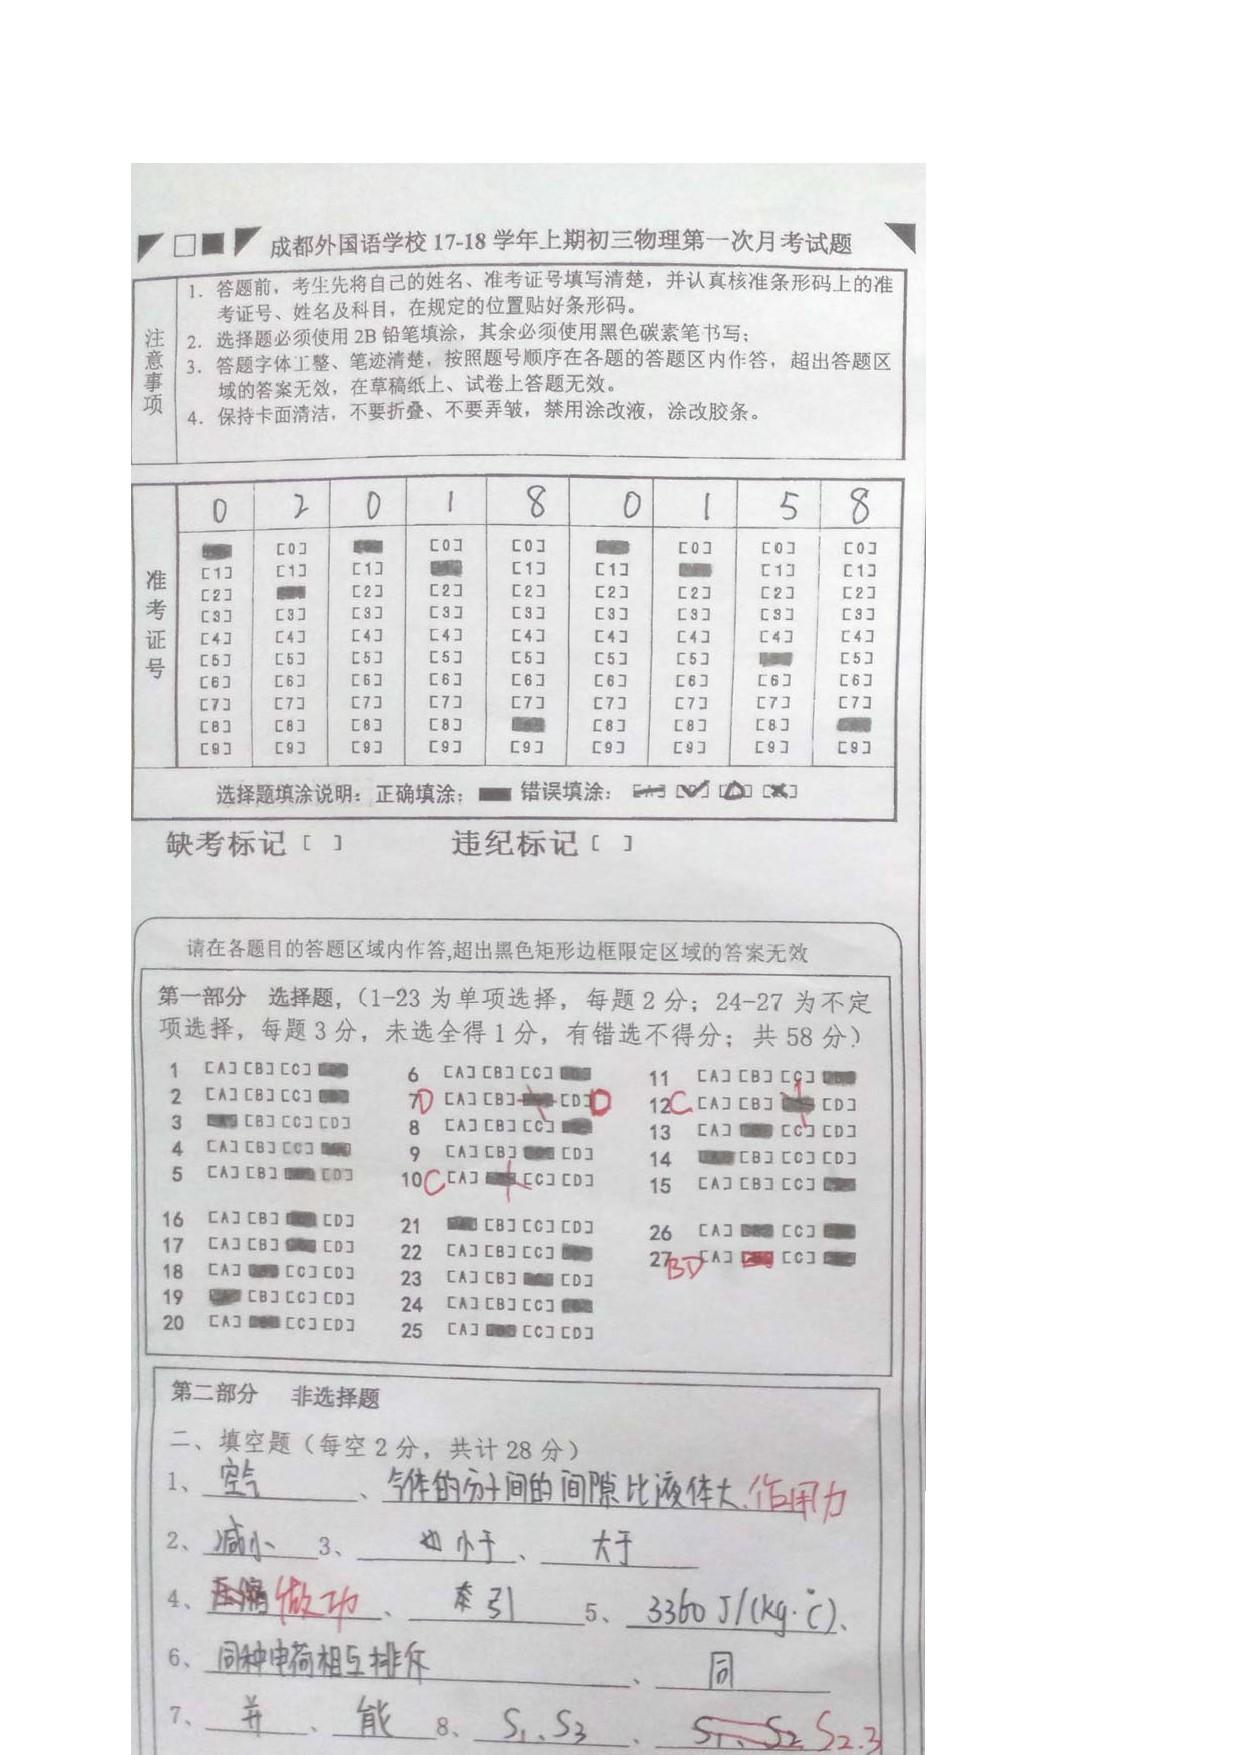 四川成都高新区外国语学校2017-2018九年级9月月考物理试题答案(图片版)